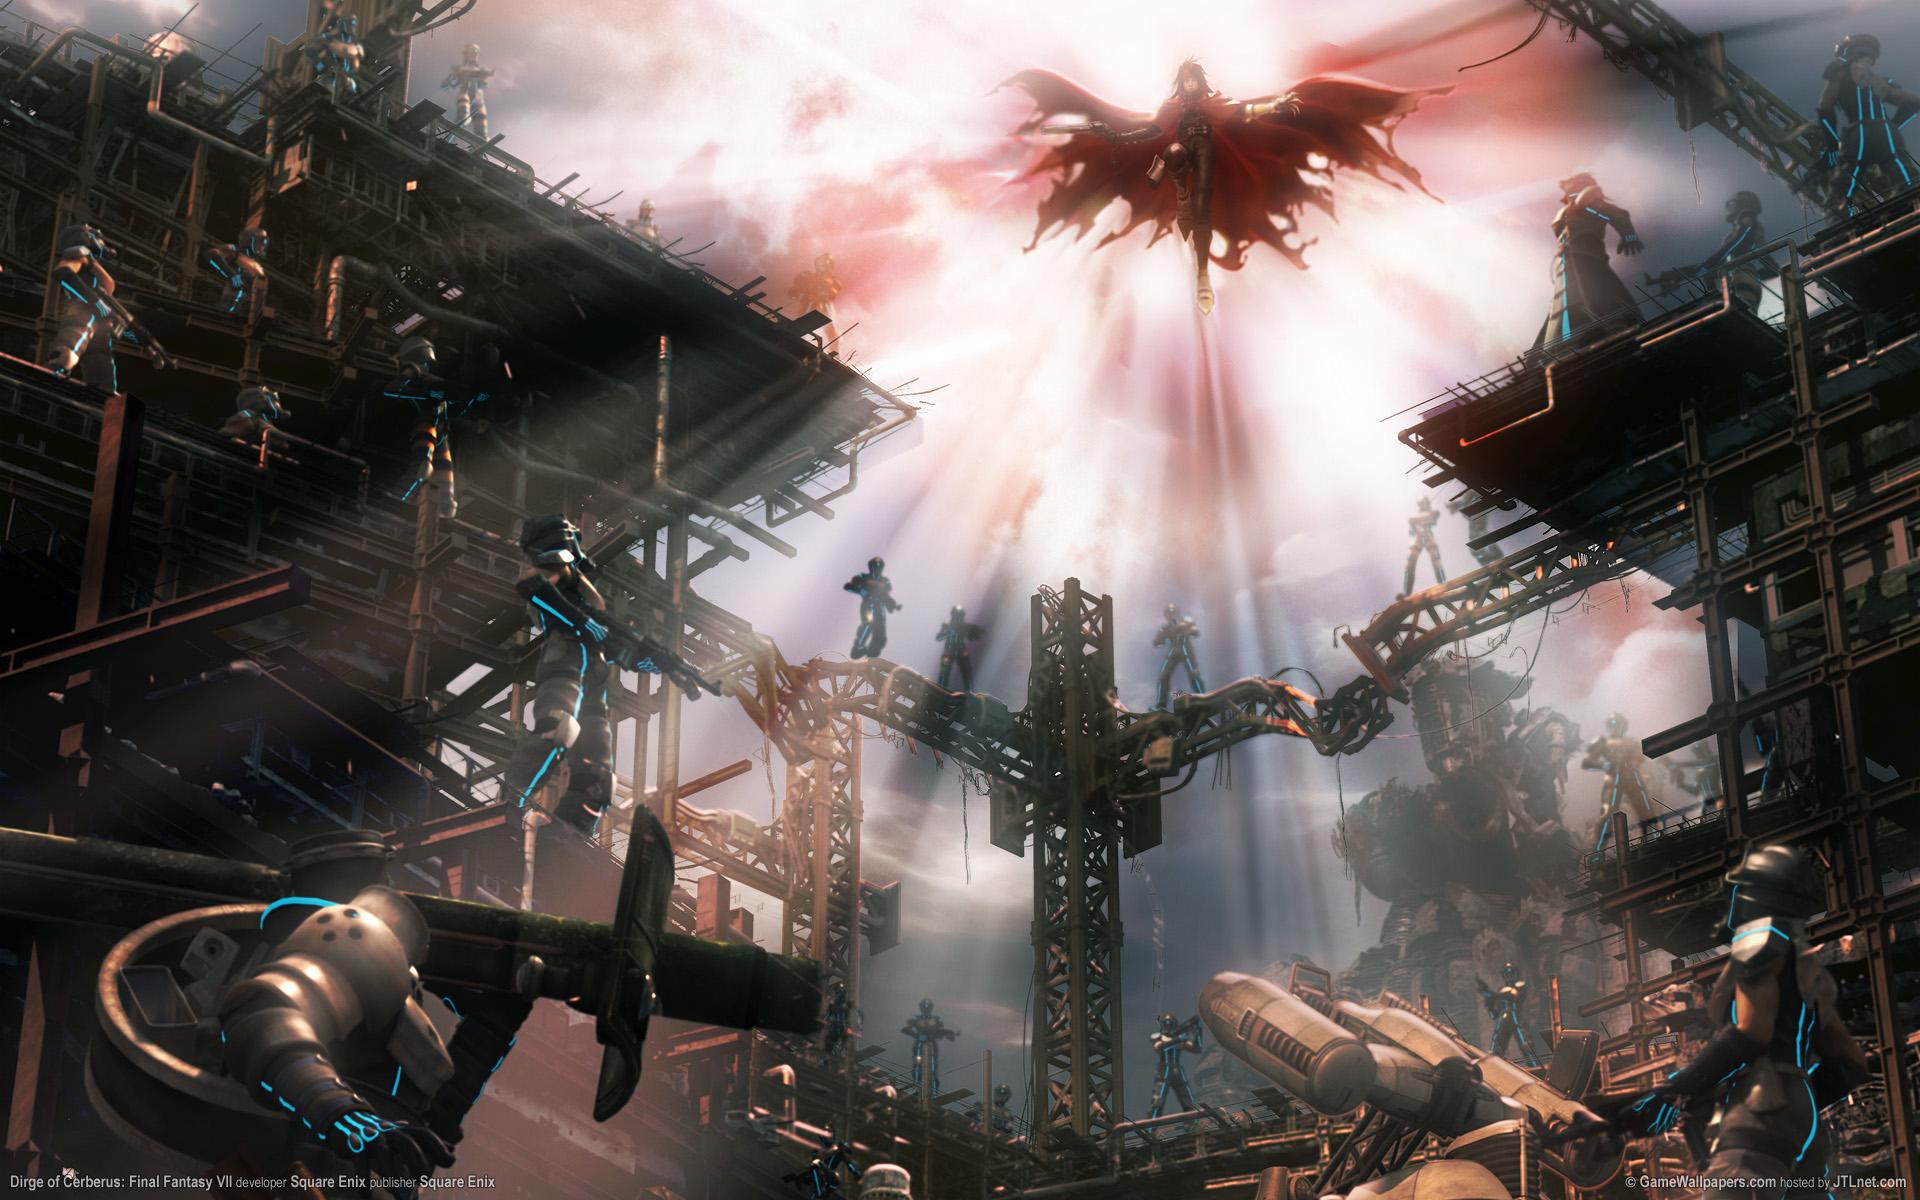 final_fantasy final_fantasy_vii vincent_valentine